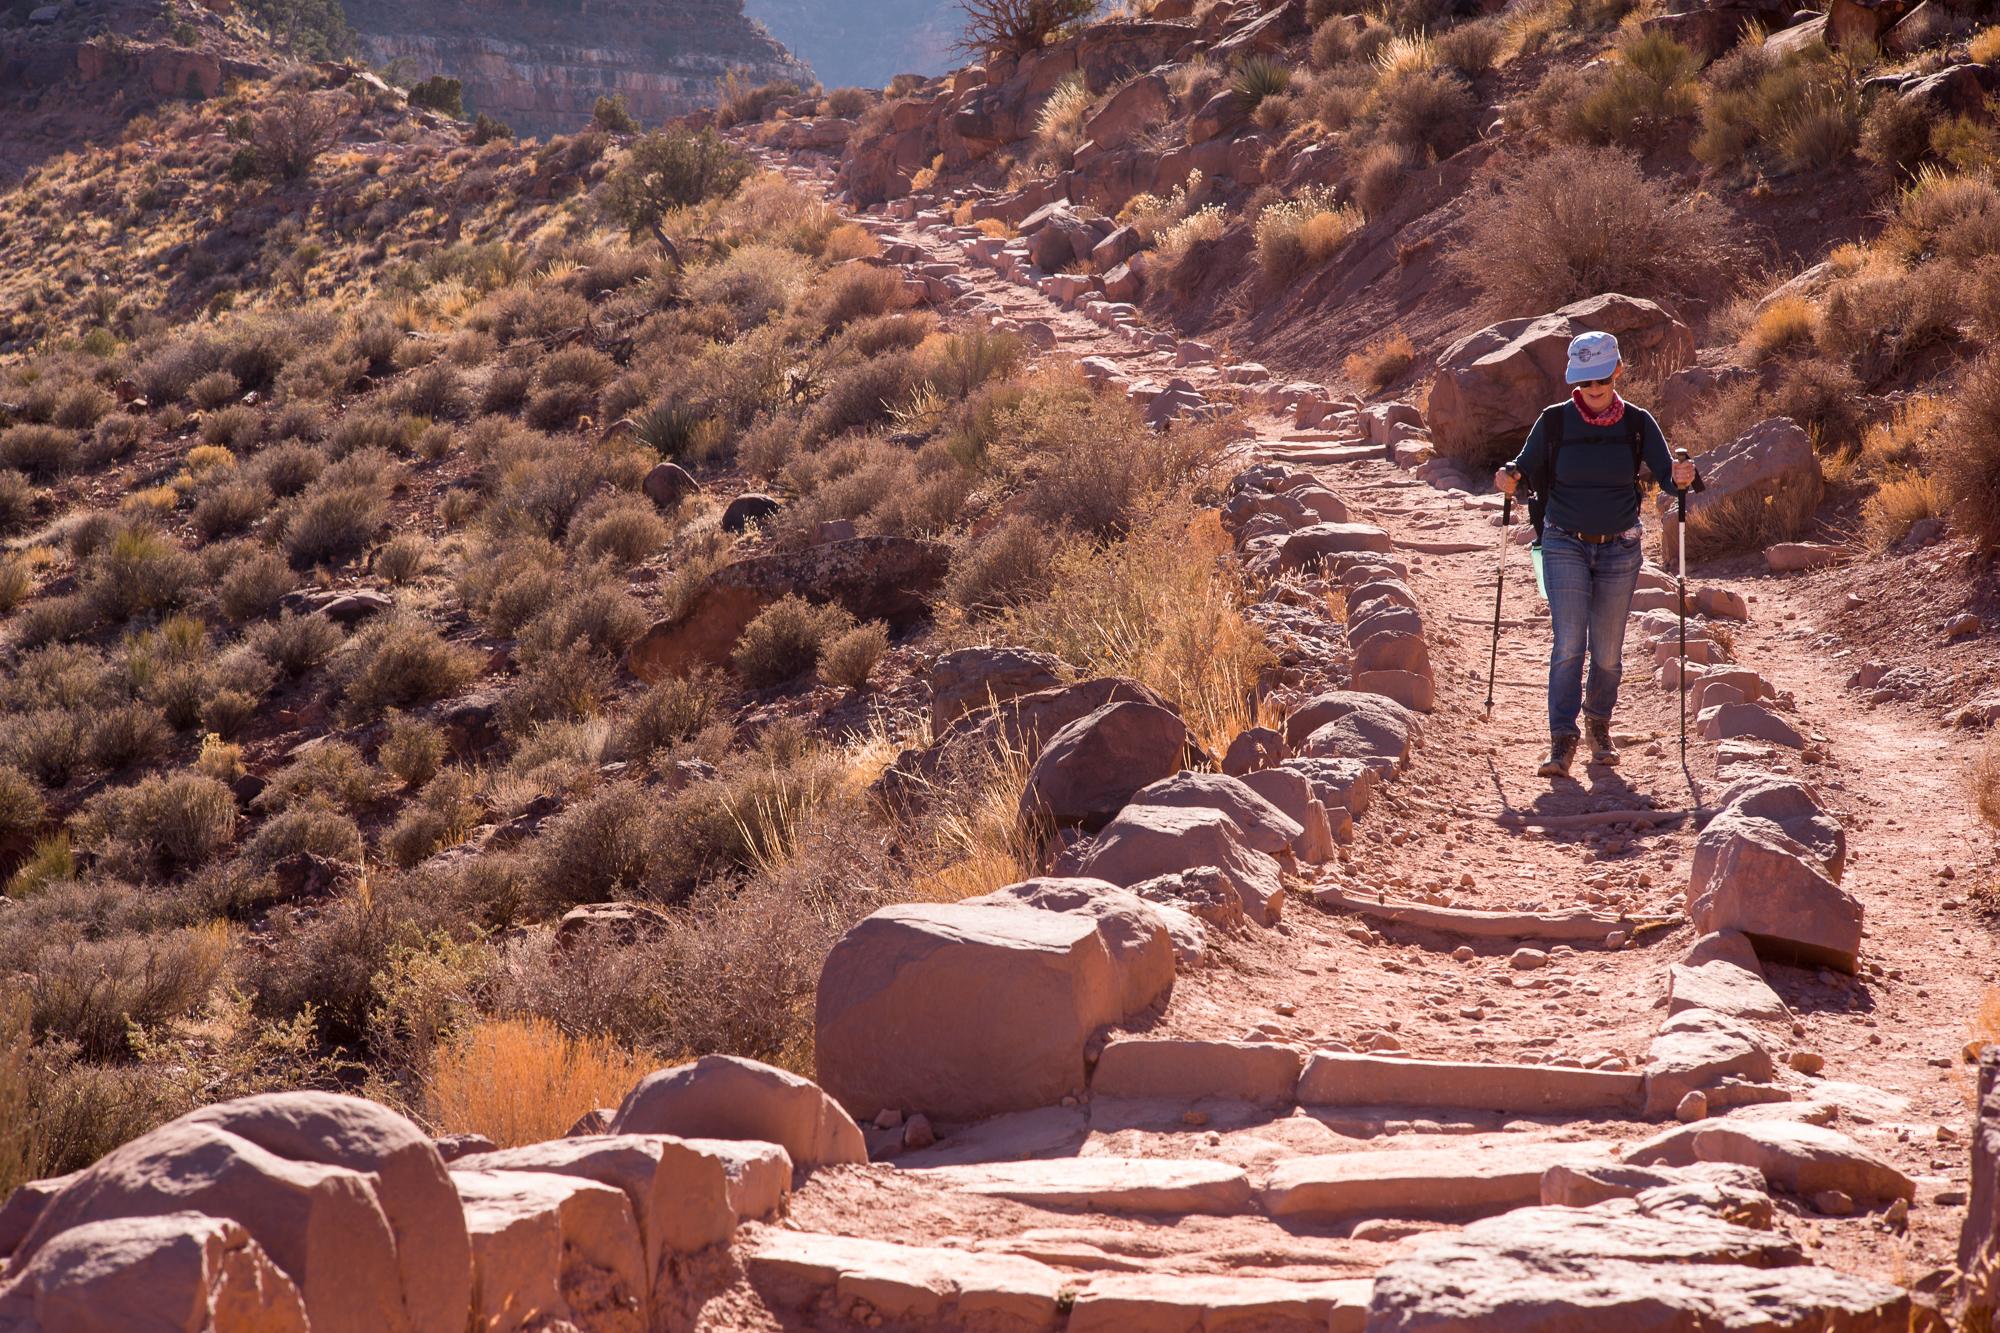 Cheryl descending into the Canyon